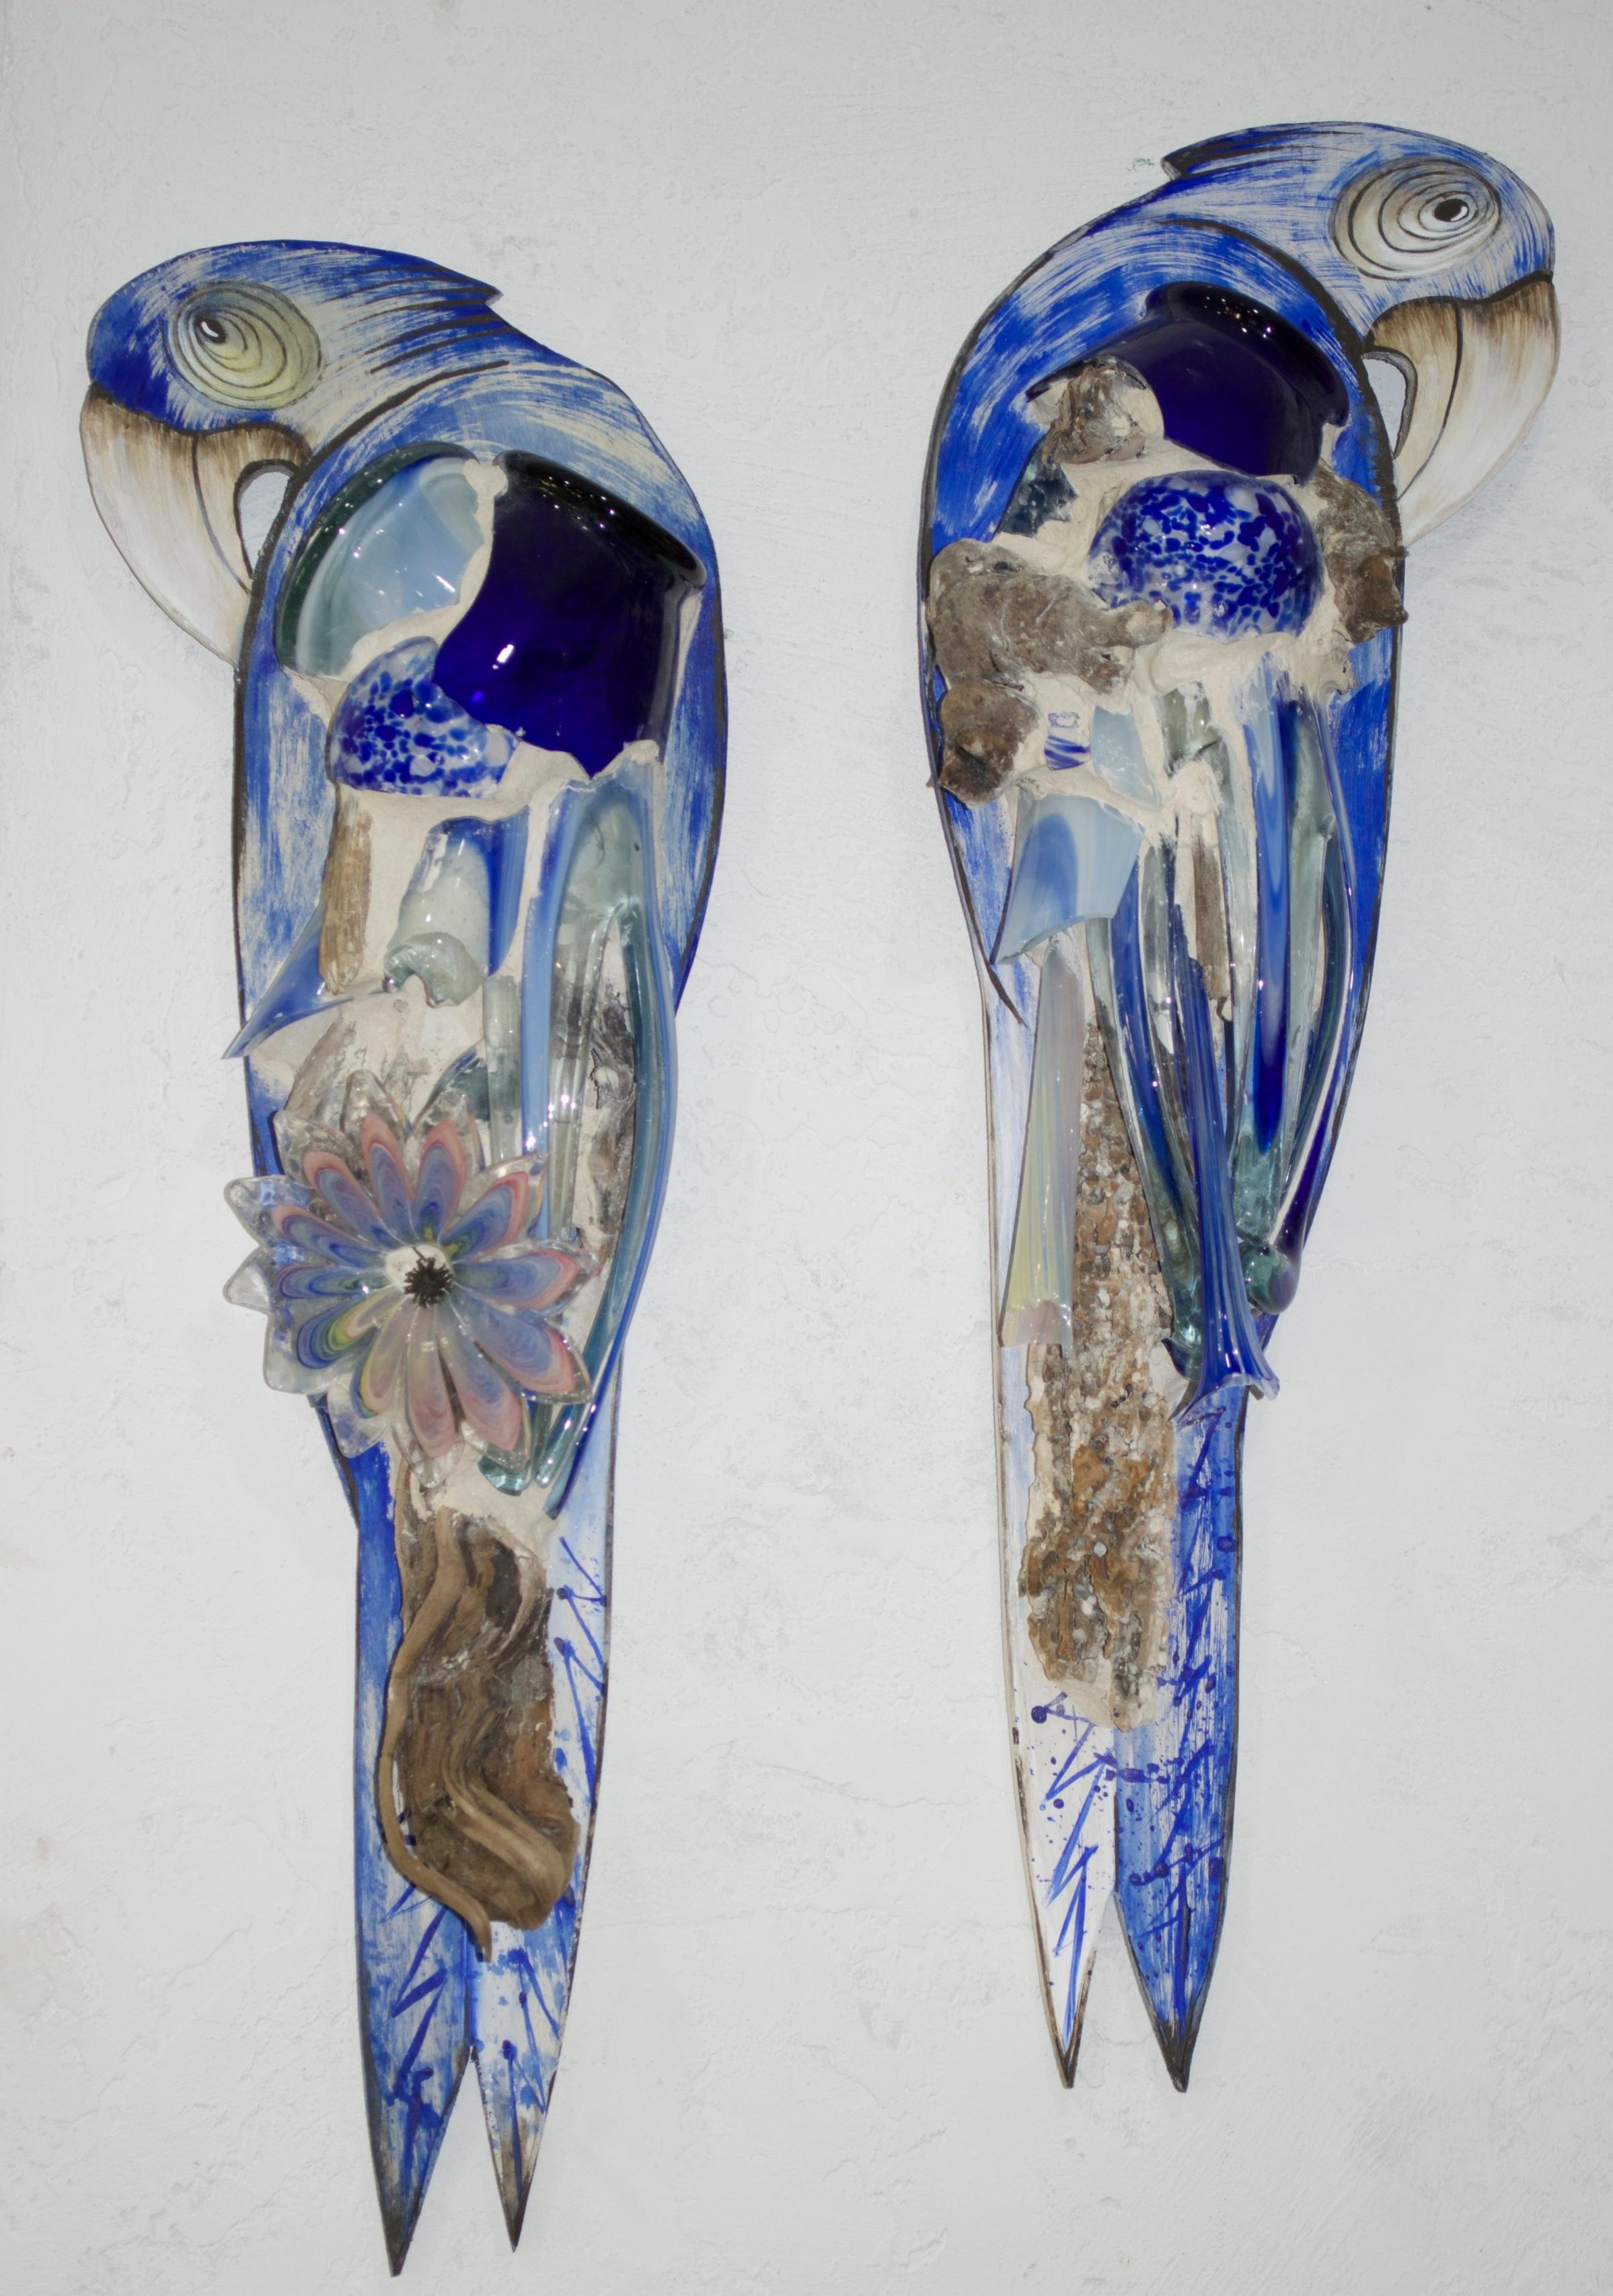 """Beach Art - Parrots - wood, glass, beach objects - 9"""" x 27"""" - $128"""